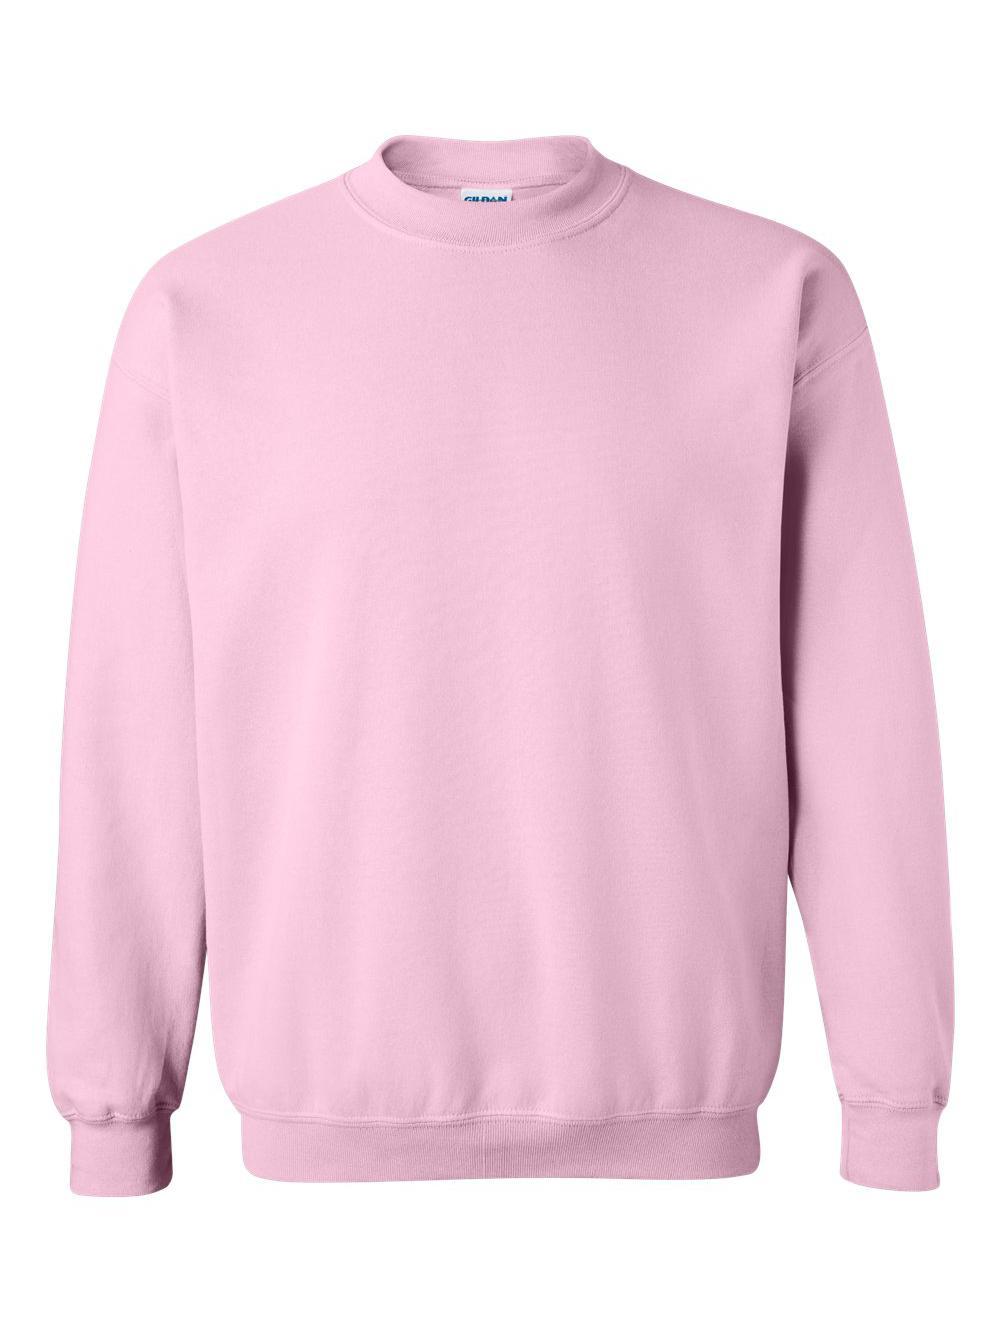 Gildan-Heavy-Blend-Crewneck-Sweatshirt-18000 thumbnail 58